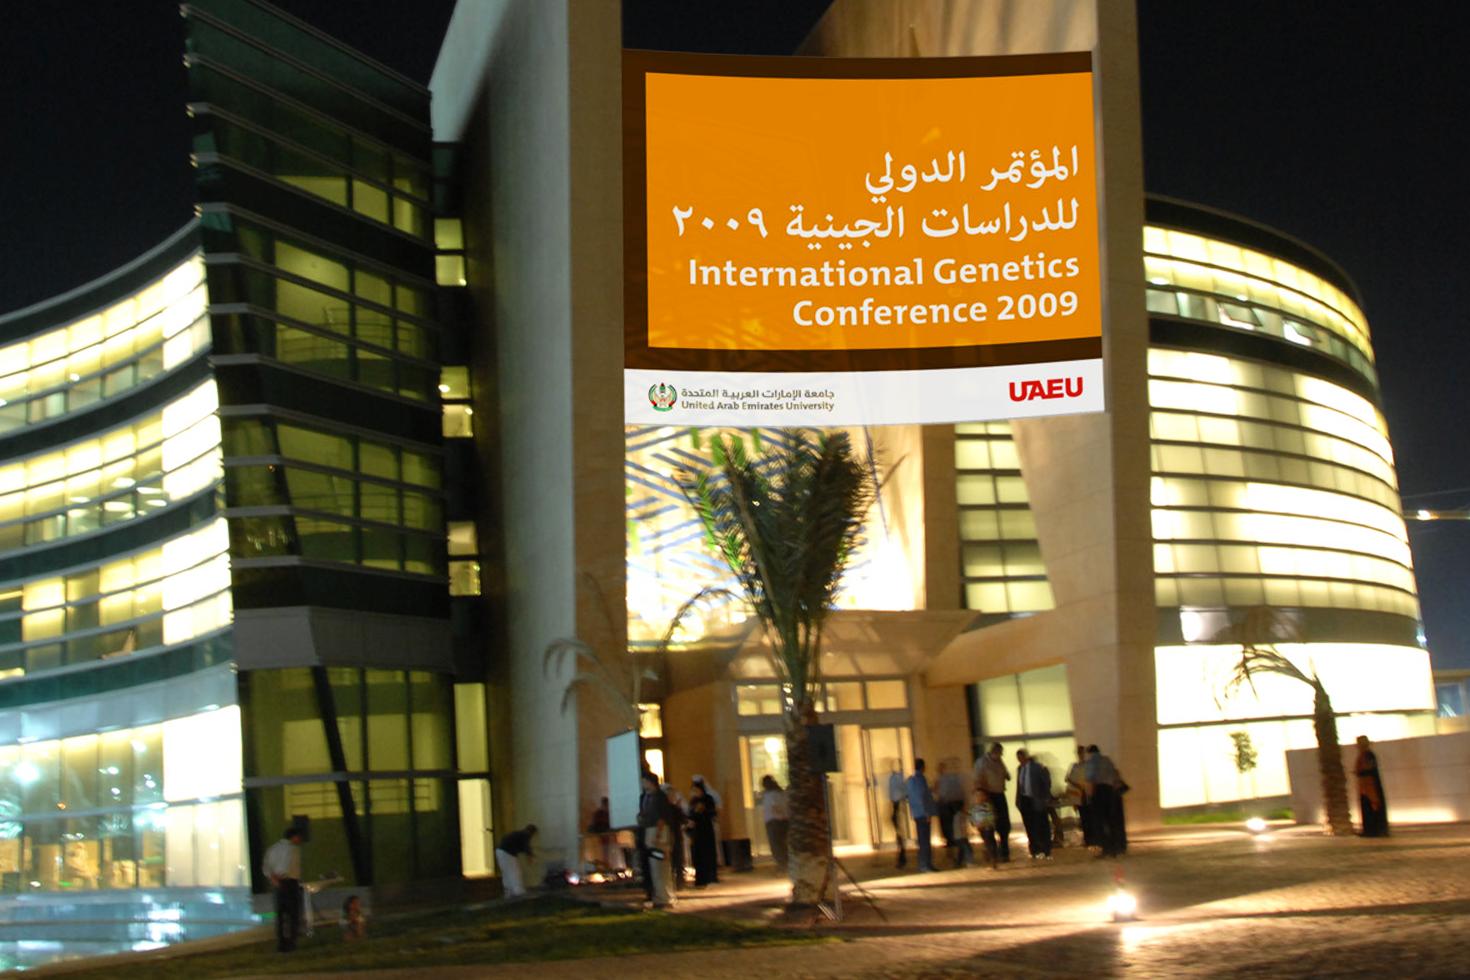 UAEU banner